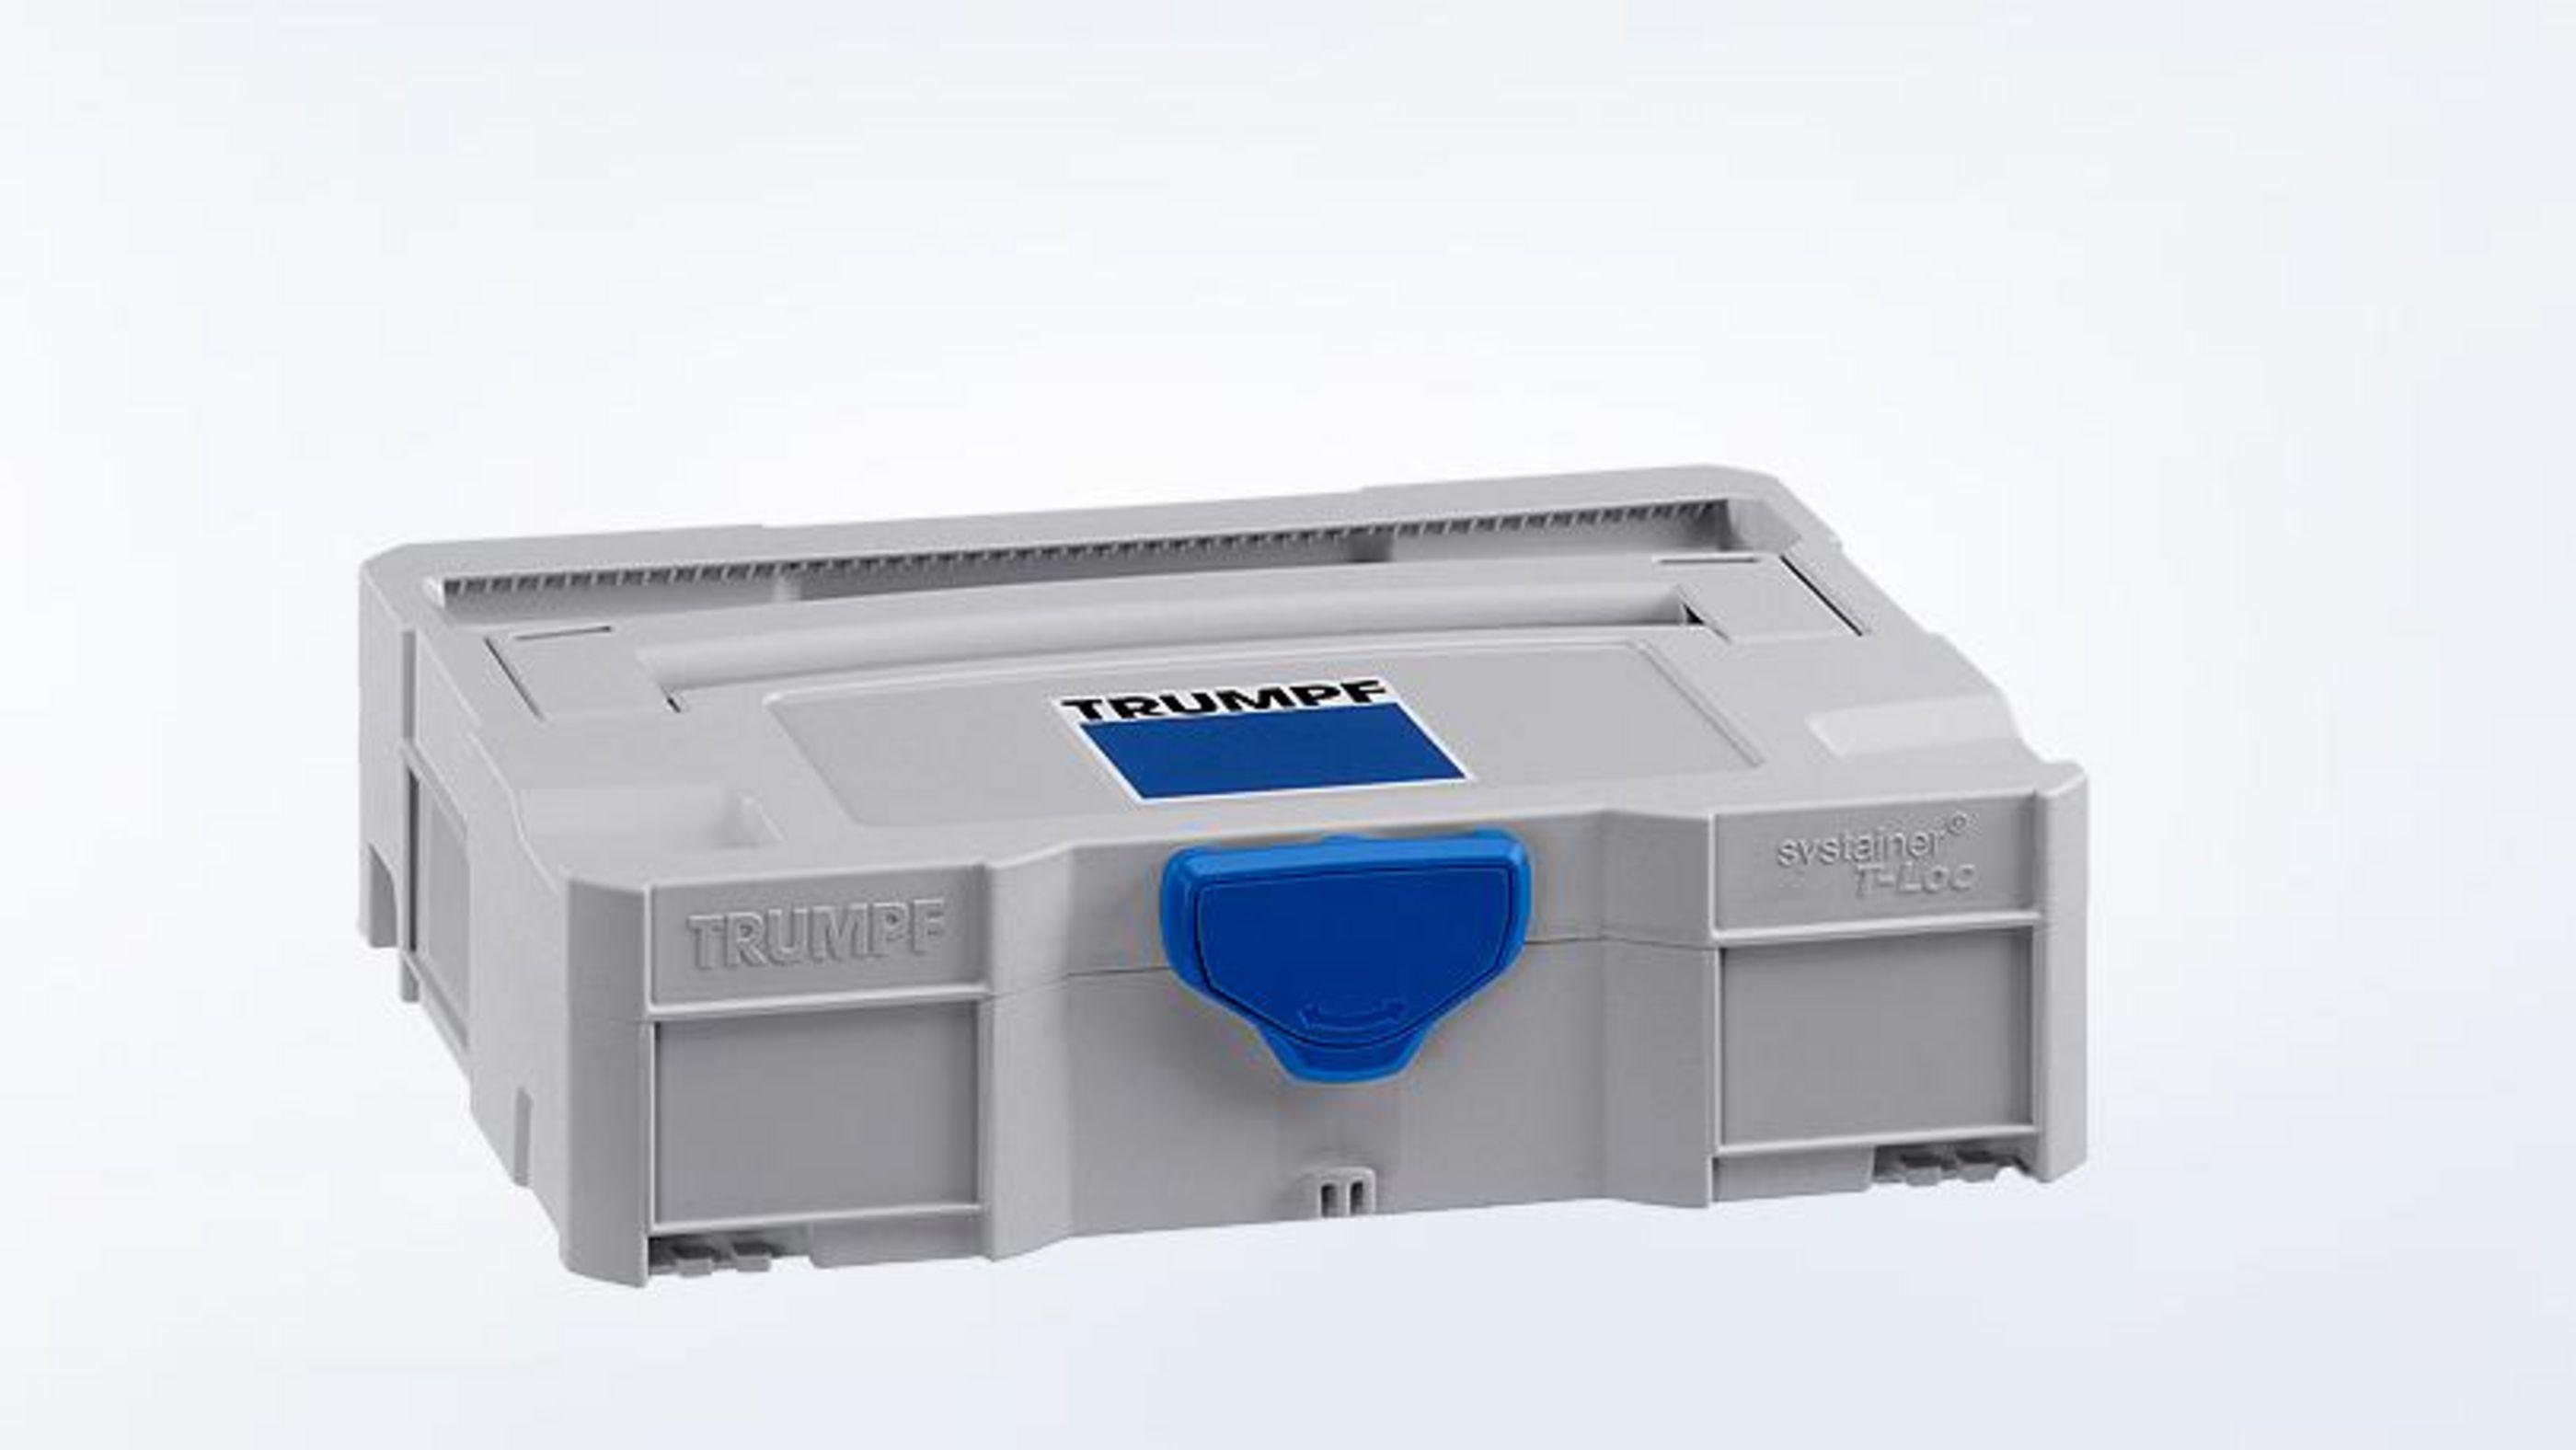 TRUMPF Box S1